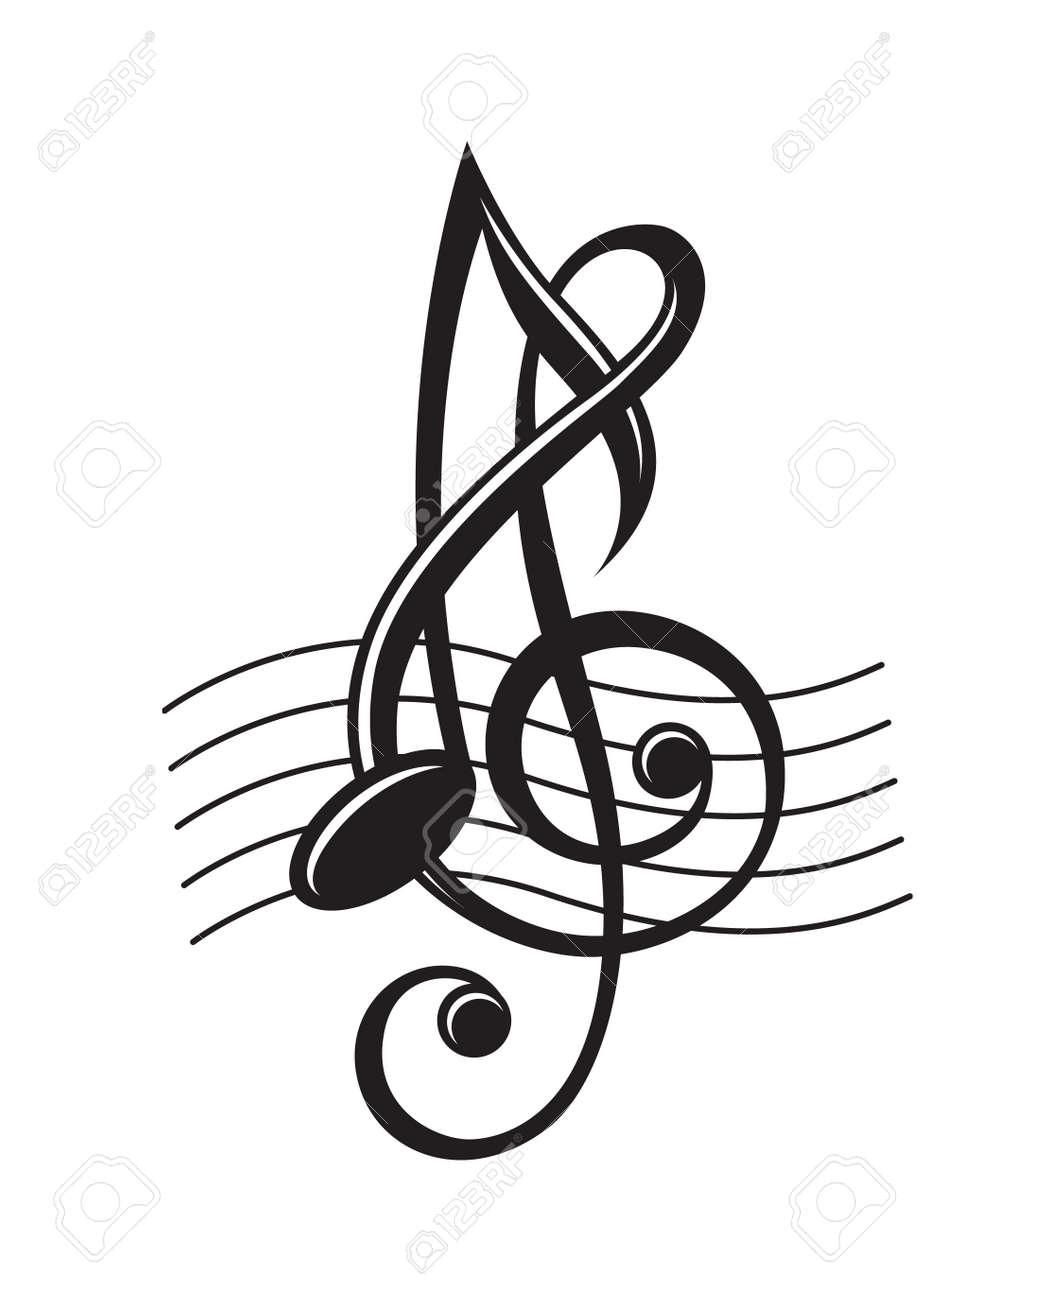 ステーブの音符の白黒イラストのイラスト素材ベクタ Image 49162005